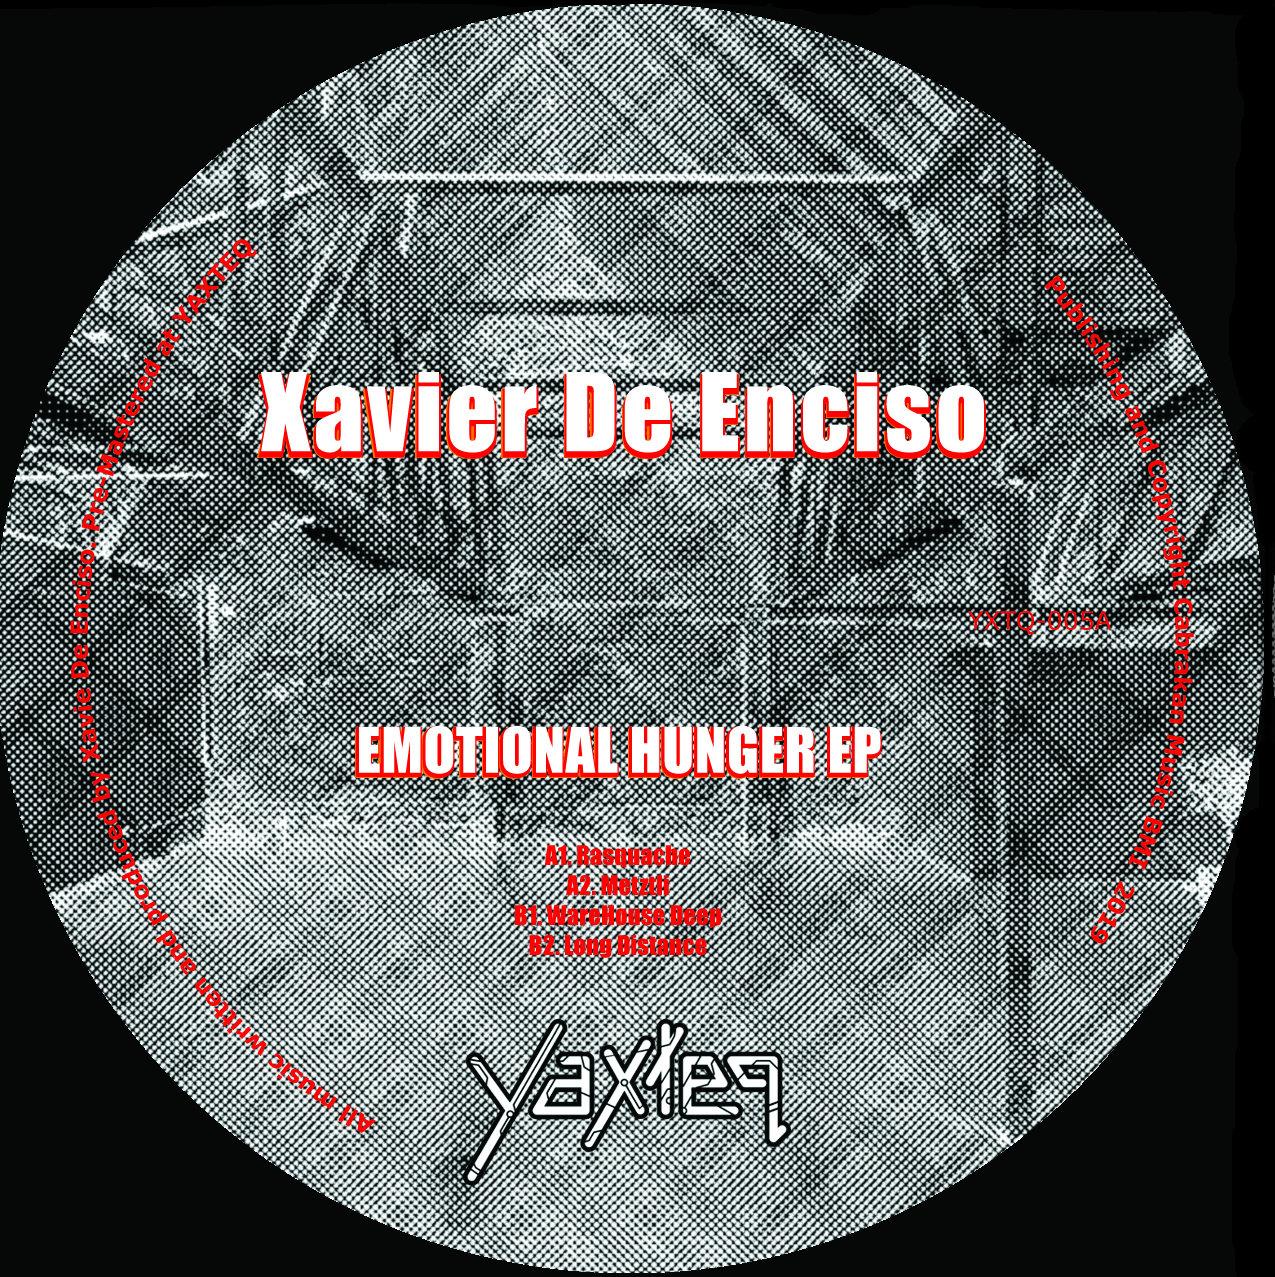 """Xavier De Enciso/EMOTIONAL HUNGER EP 12"""""""